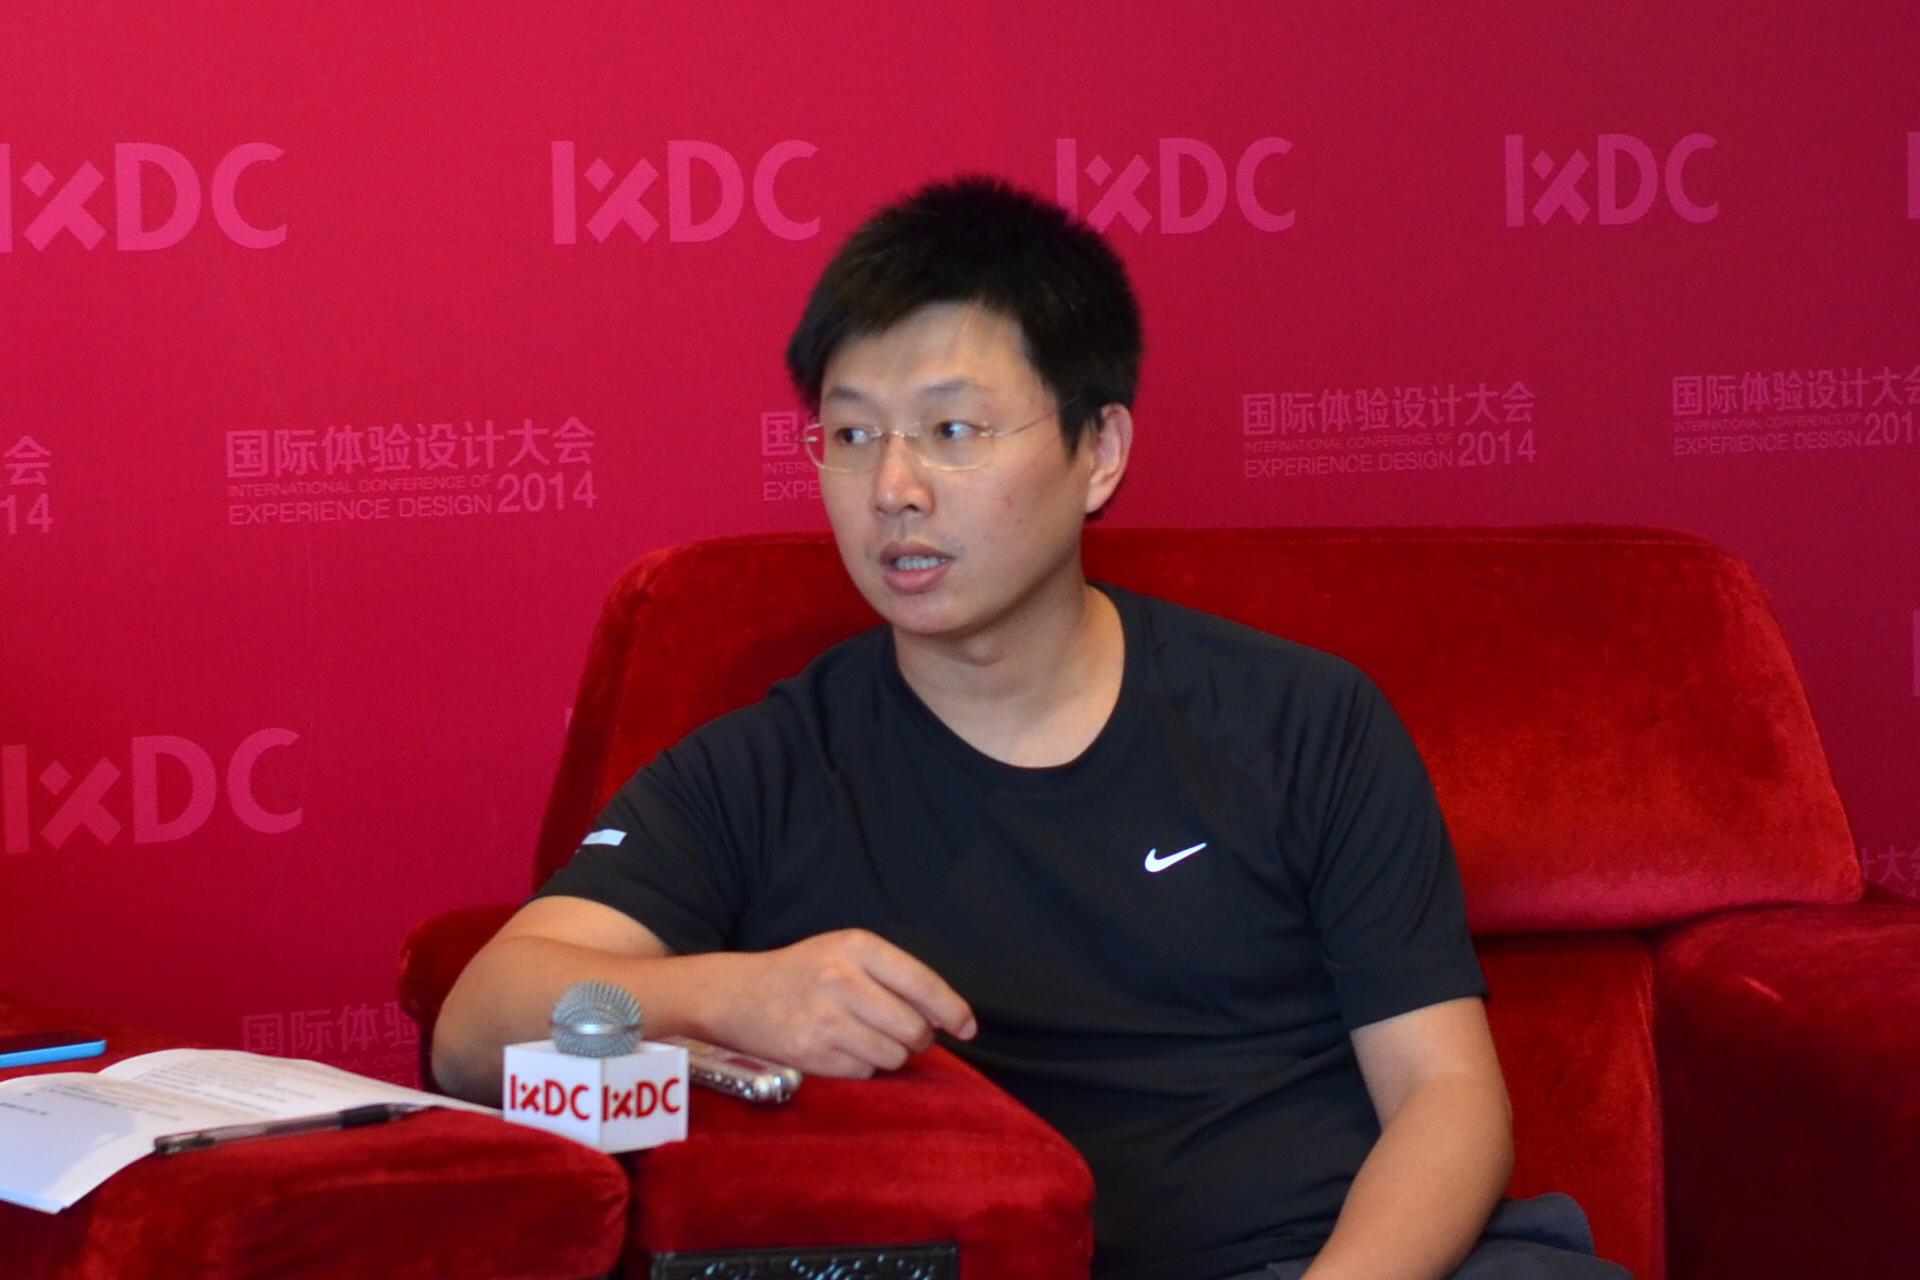 O2O时代下物联网技术与设计──阿里巴巴设计专家赵巍